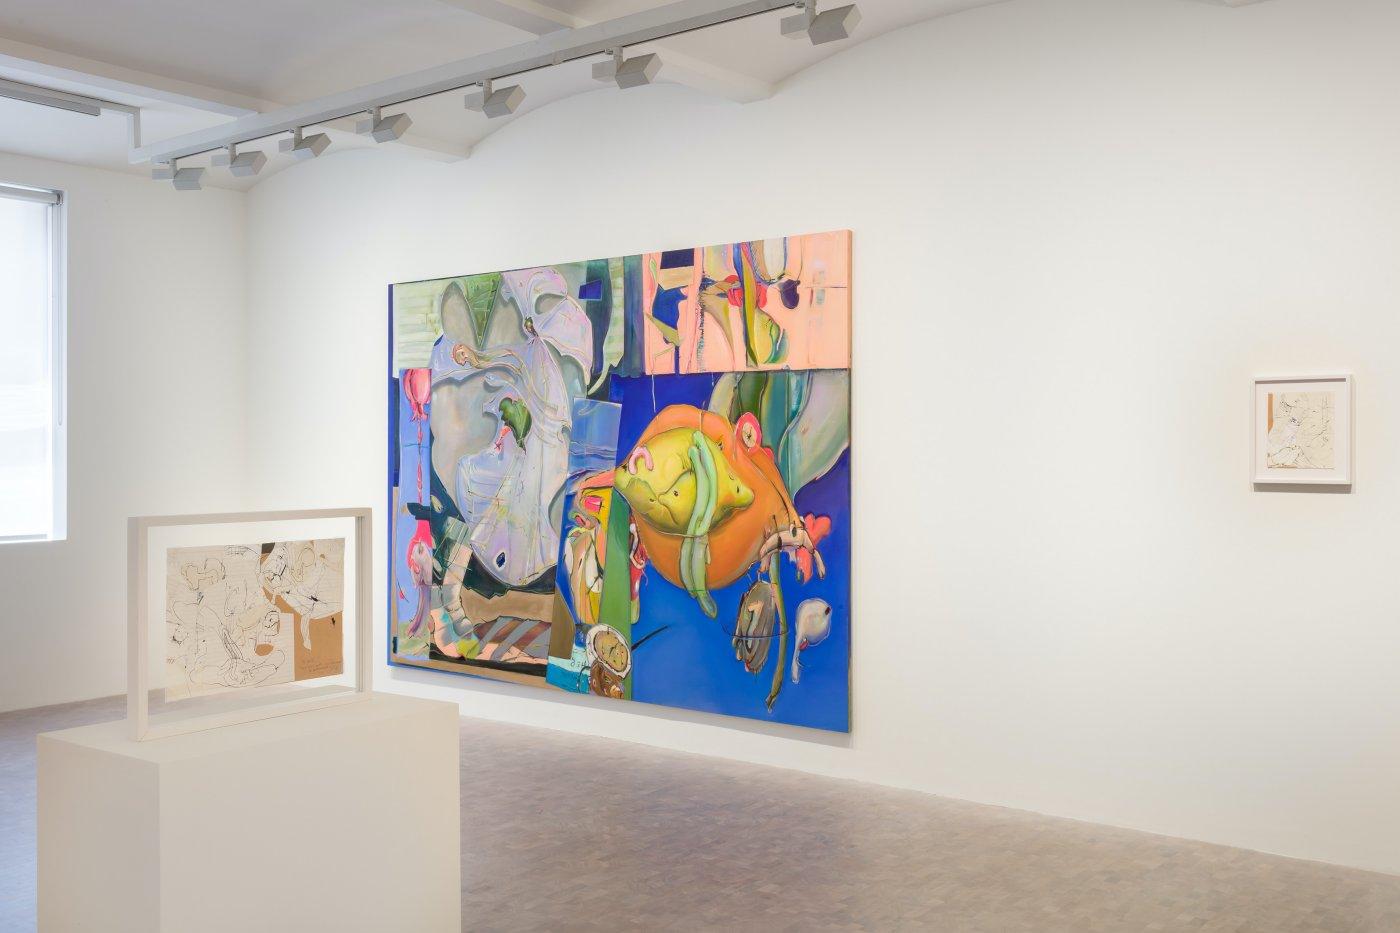 Pippy Houldsworth Gallery Stefanie Heinze 6